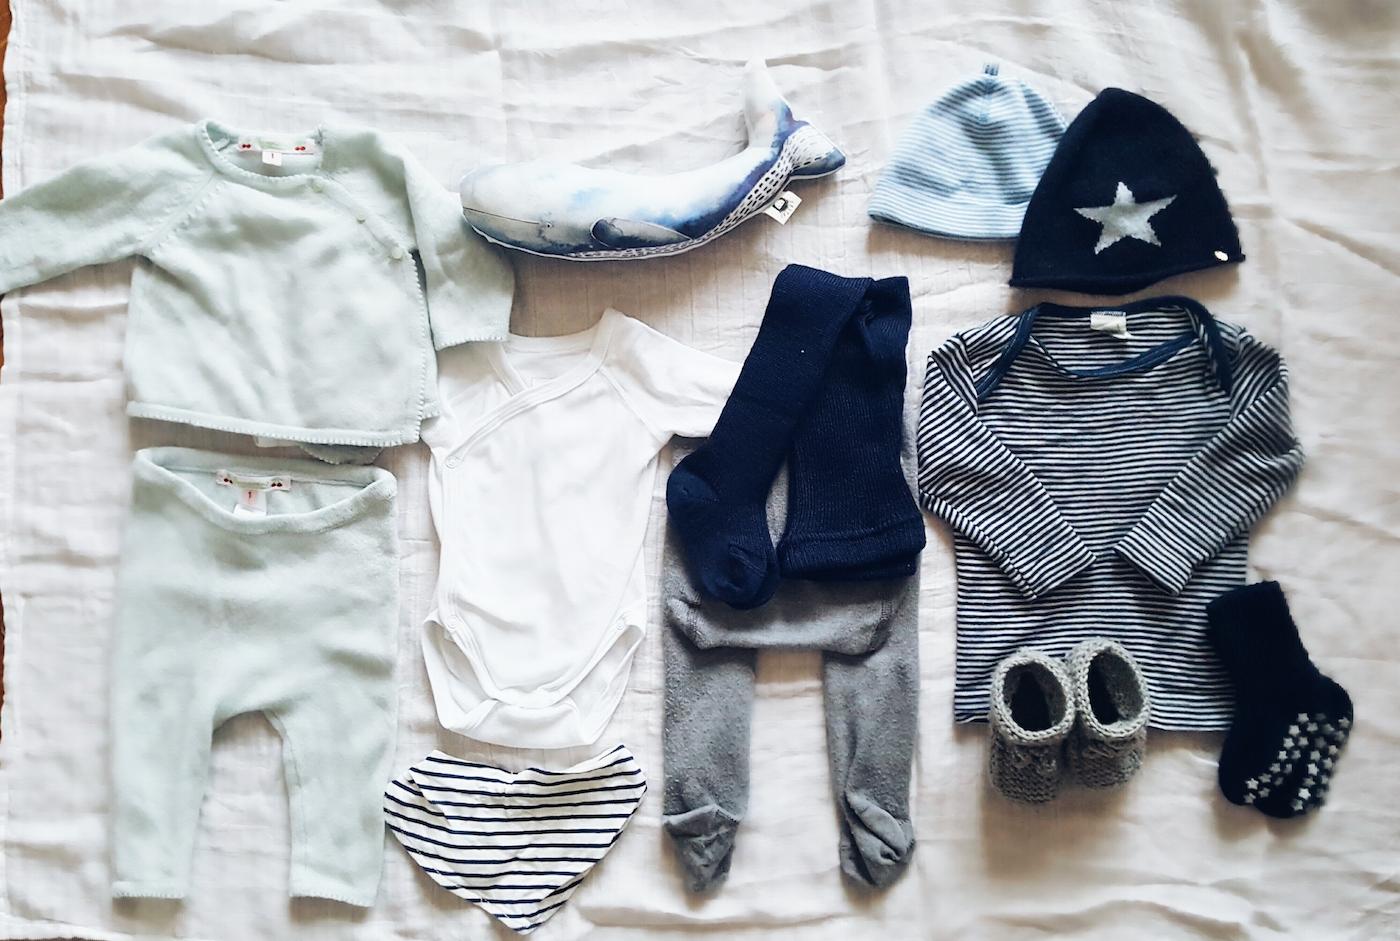 new concept 888f0 b69b1 Die Baby-Erstausstattung: Was man wirklich braucht, Teil 1 ...